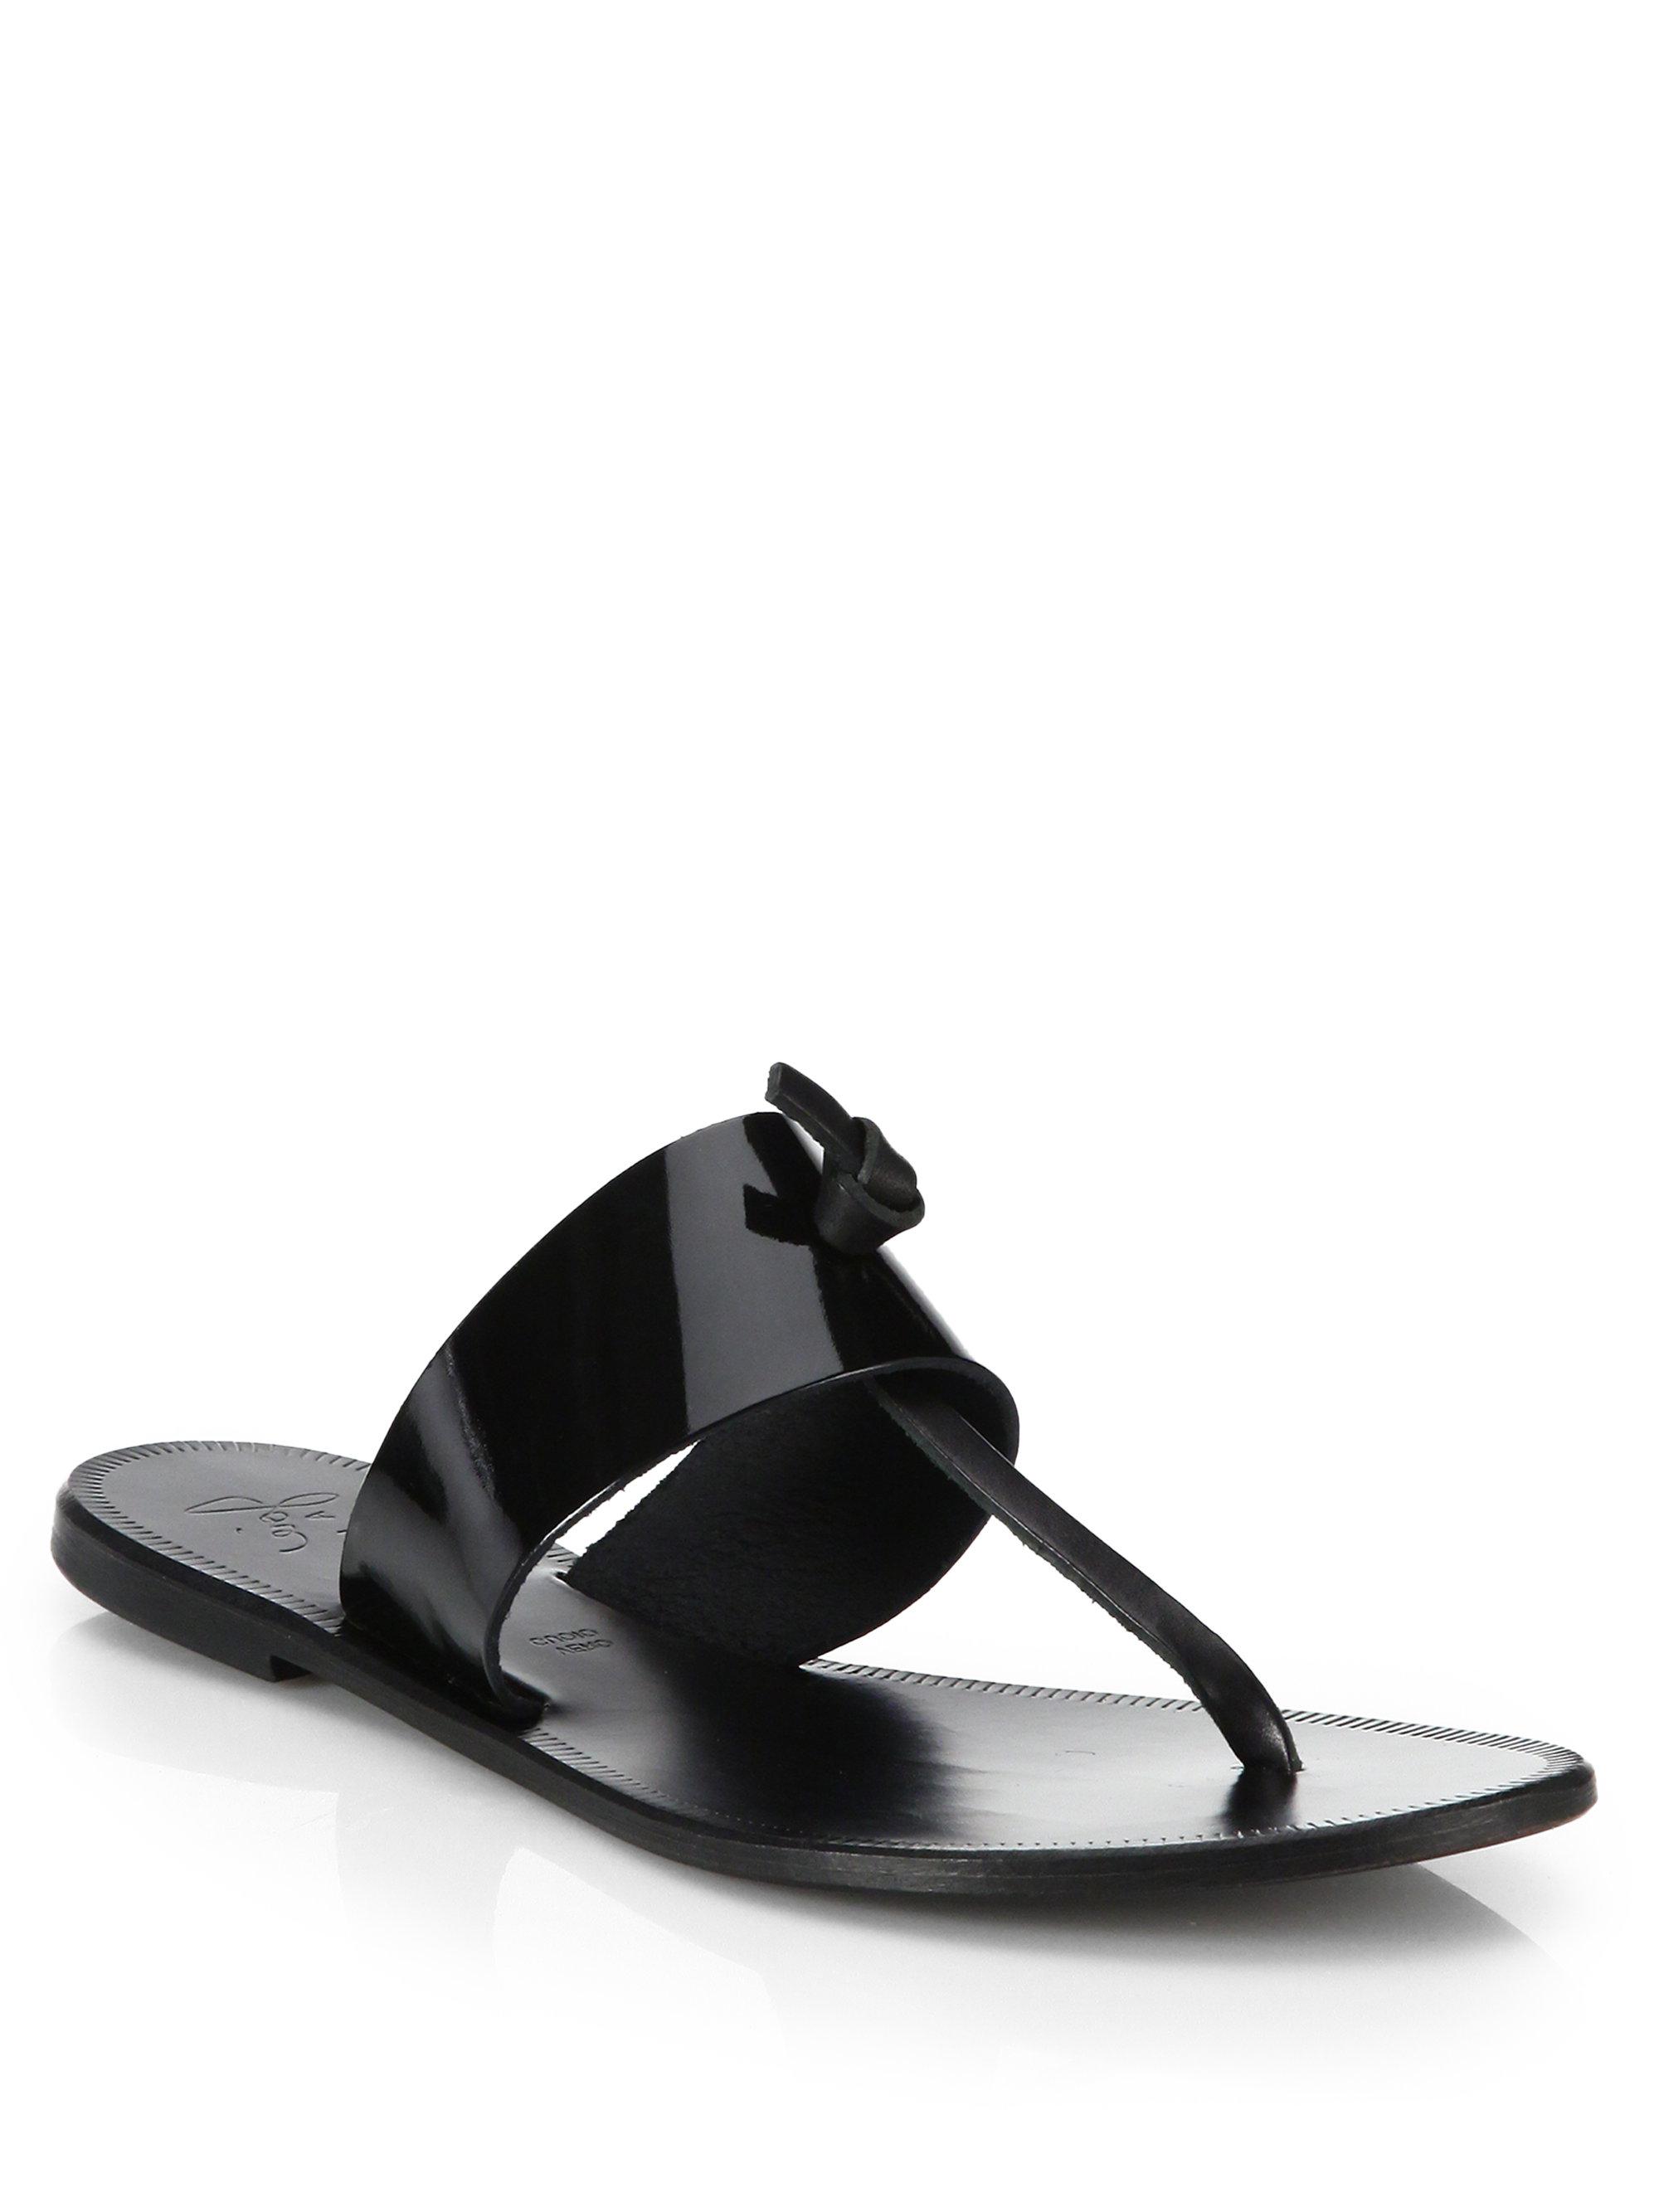 Topshop Black Patent Shoes